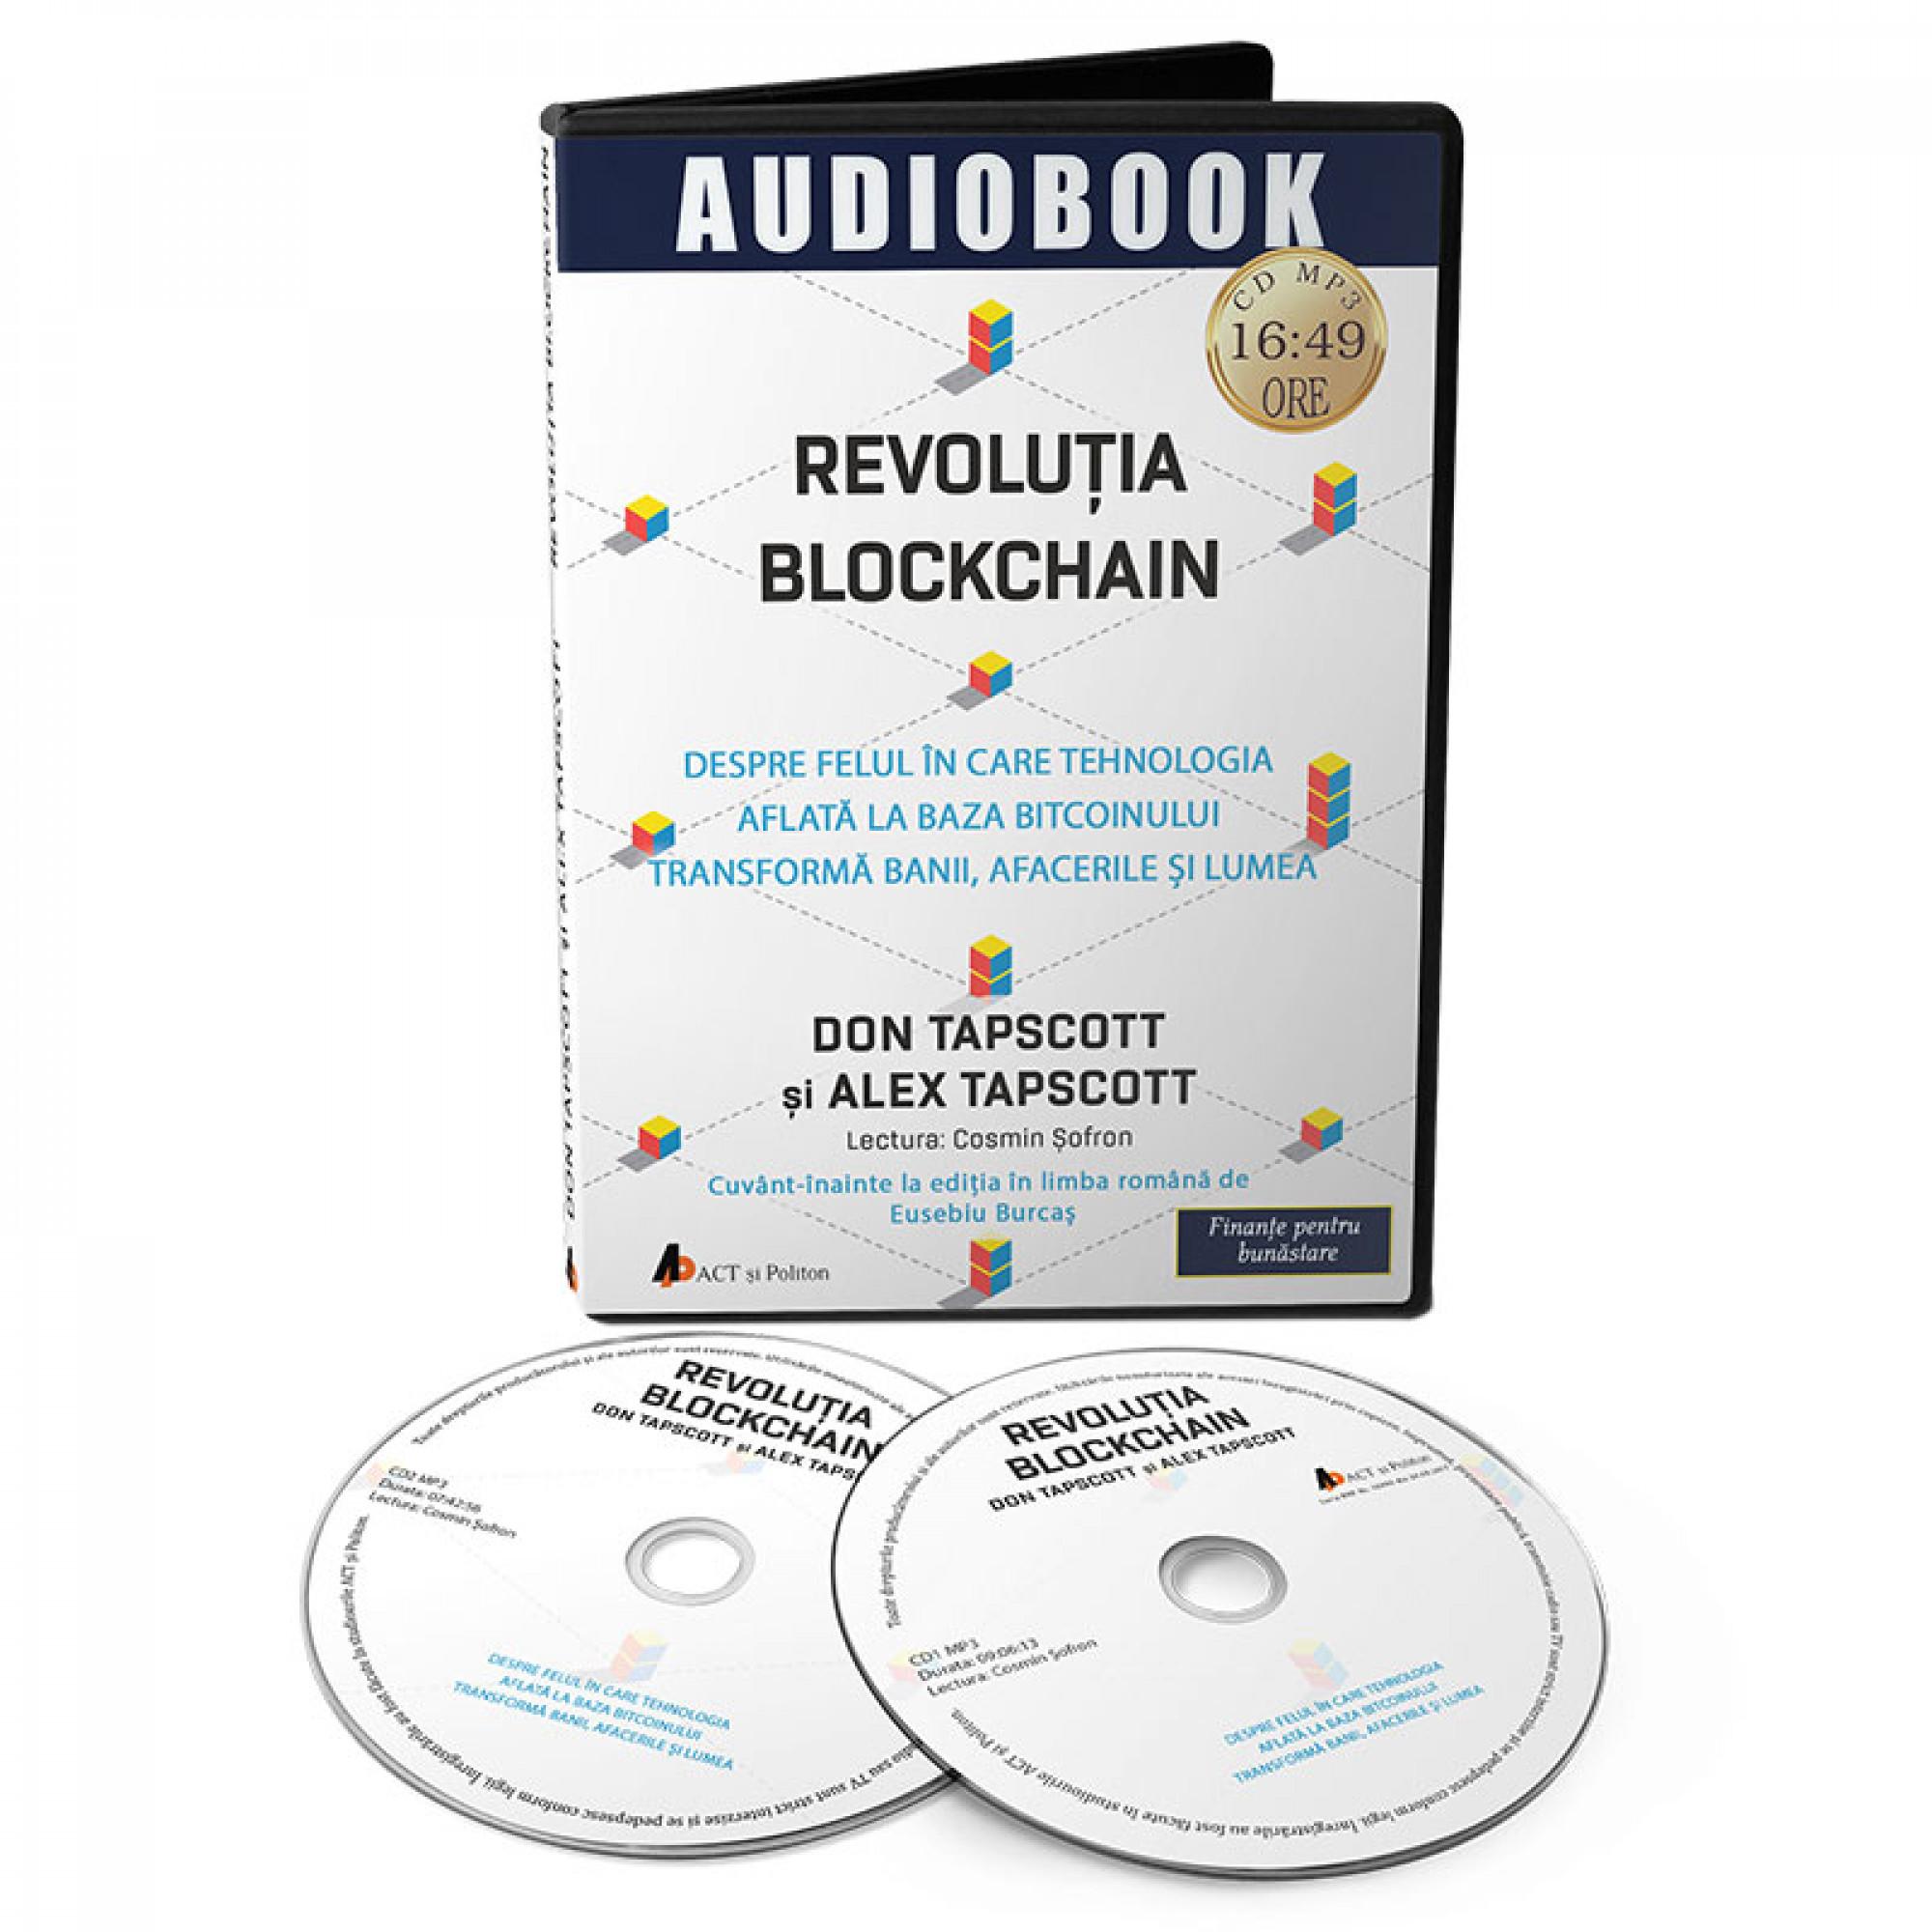 Revoluția Blockchain. Despre felul în care tehnologia aflată la baza bitcoinului transformă banii, afacerile și lumea